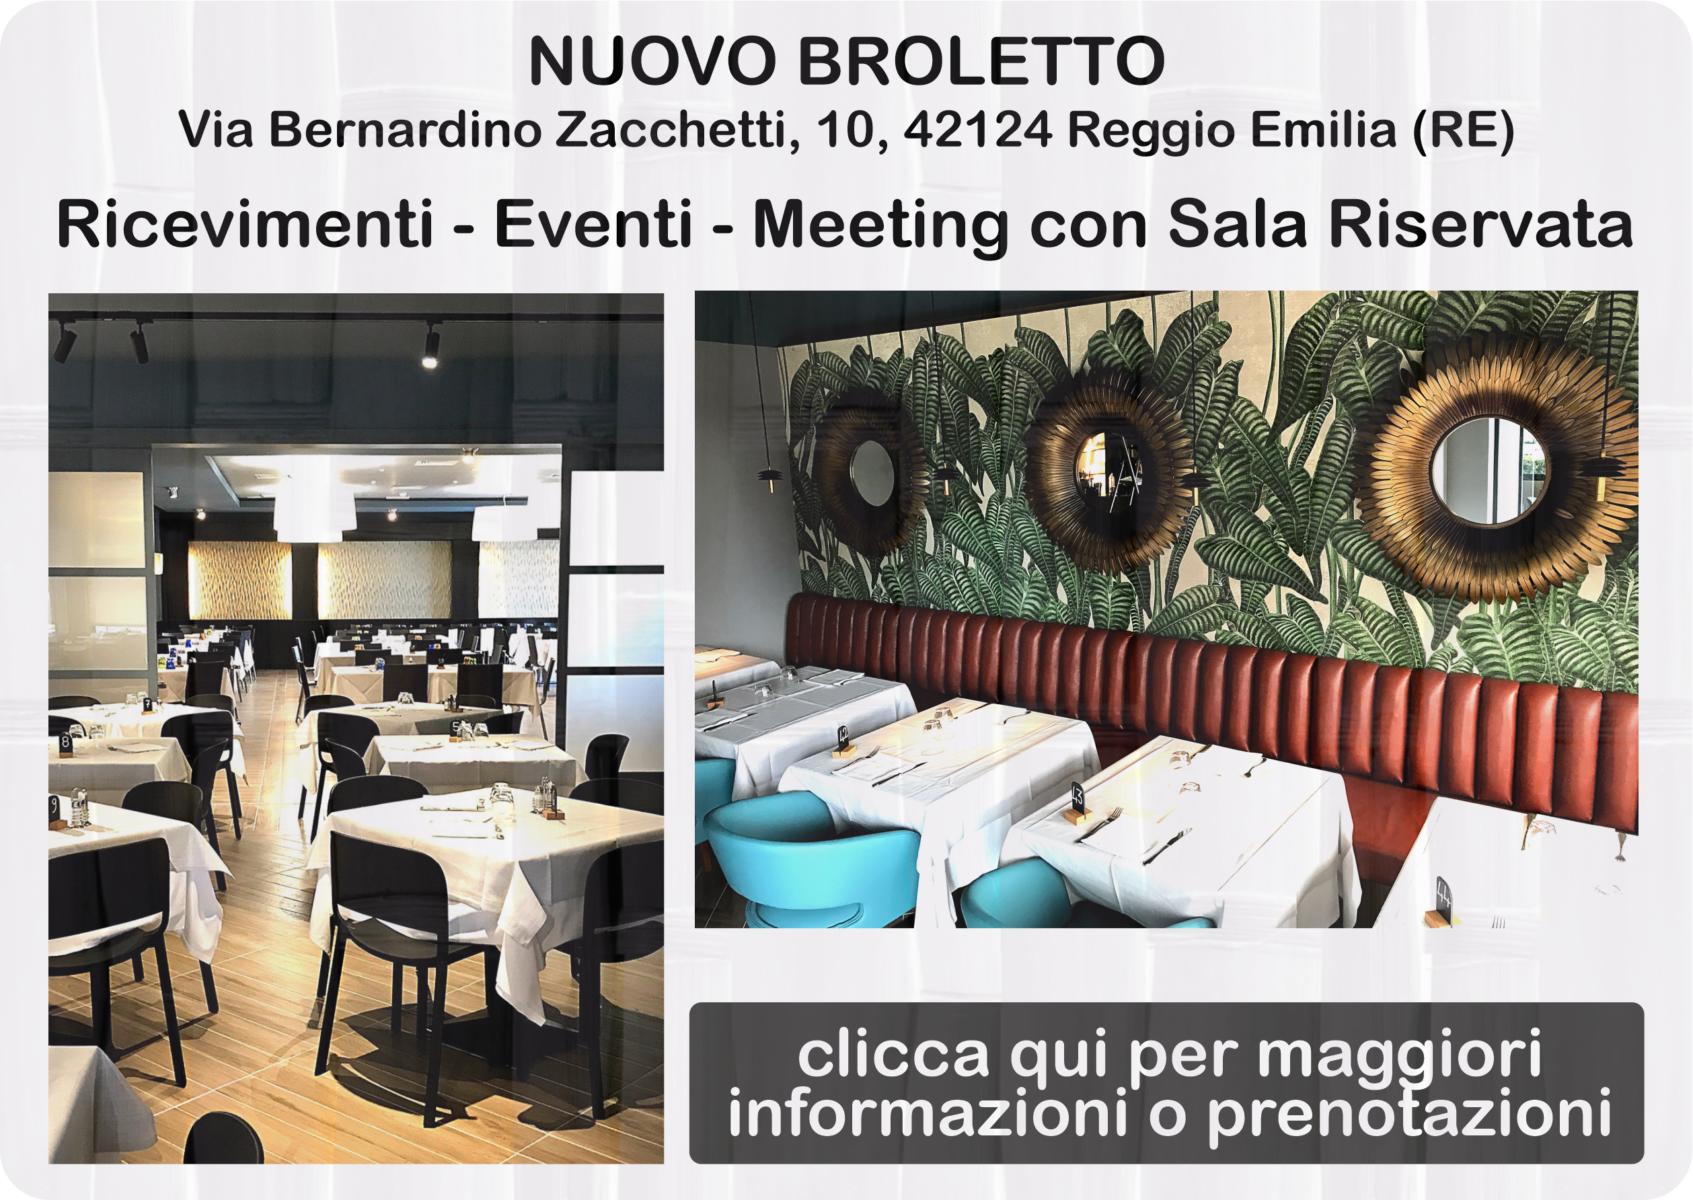 04 - Nuovo Broletto